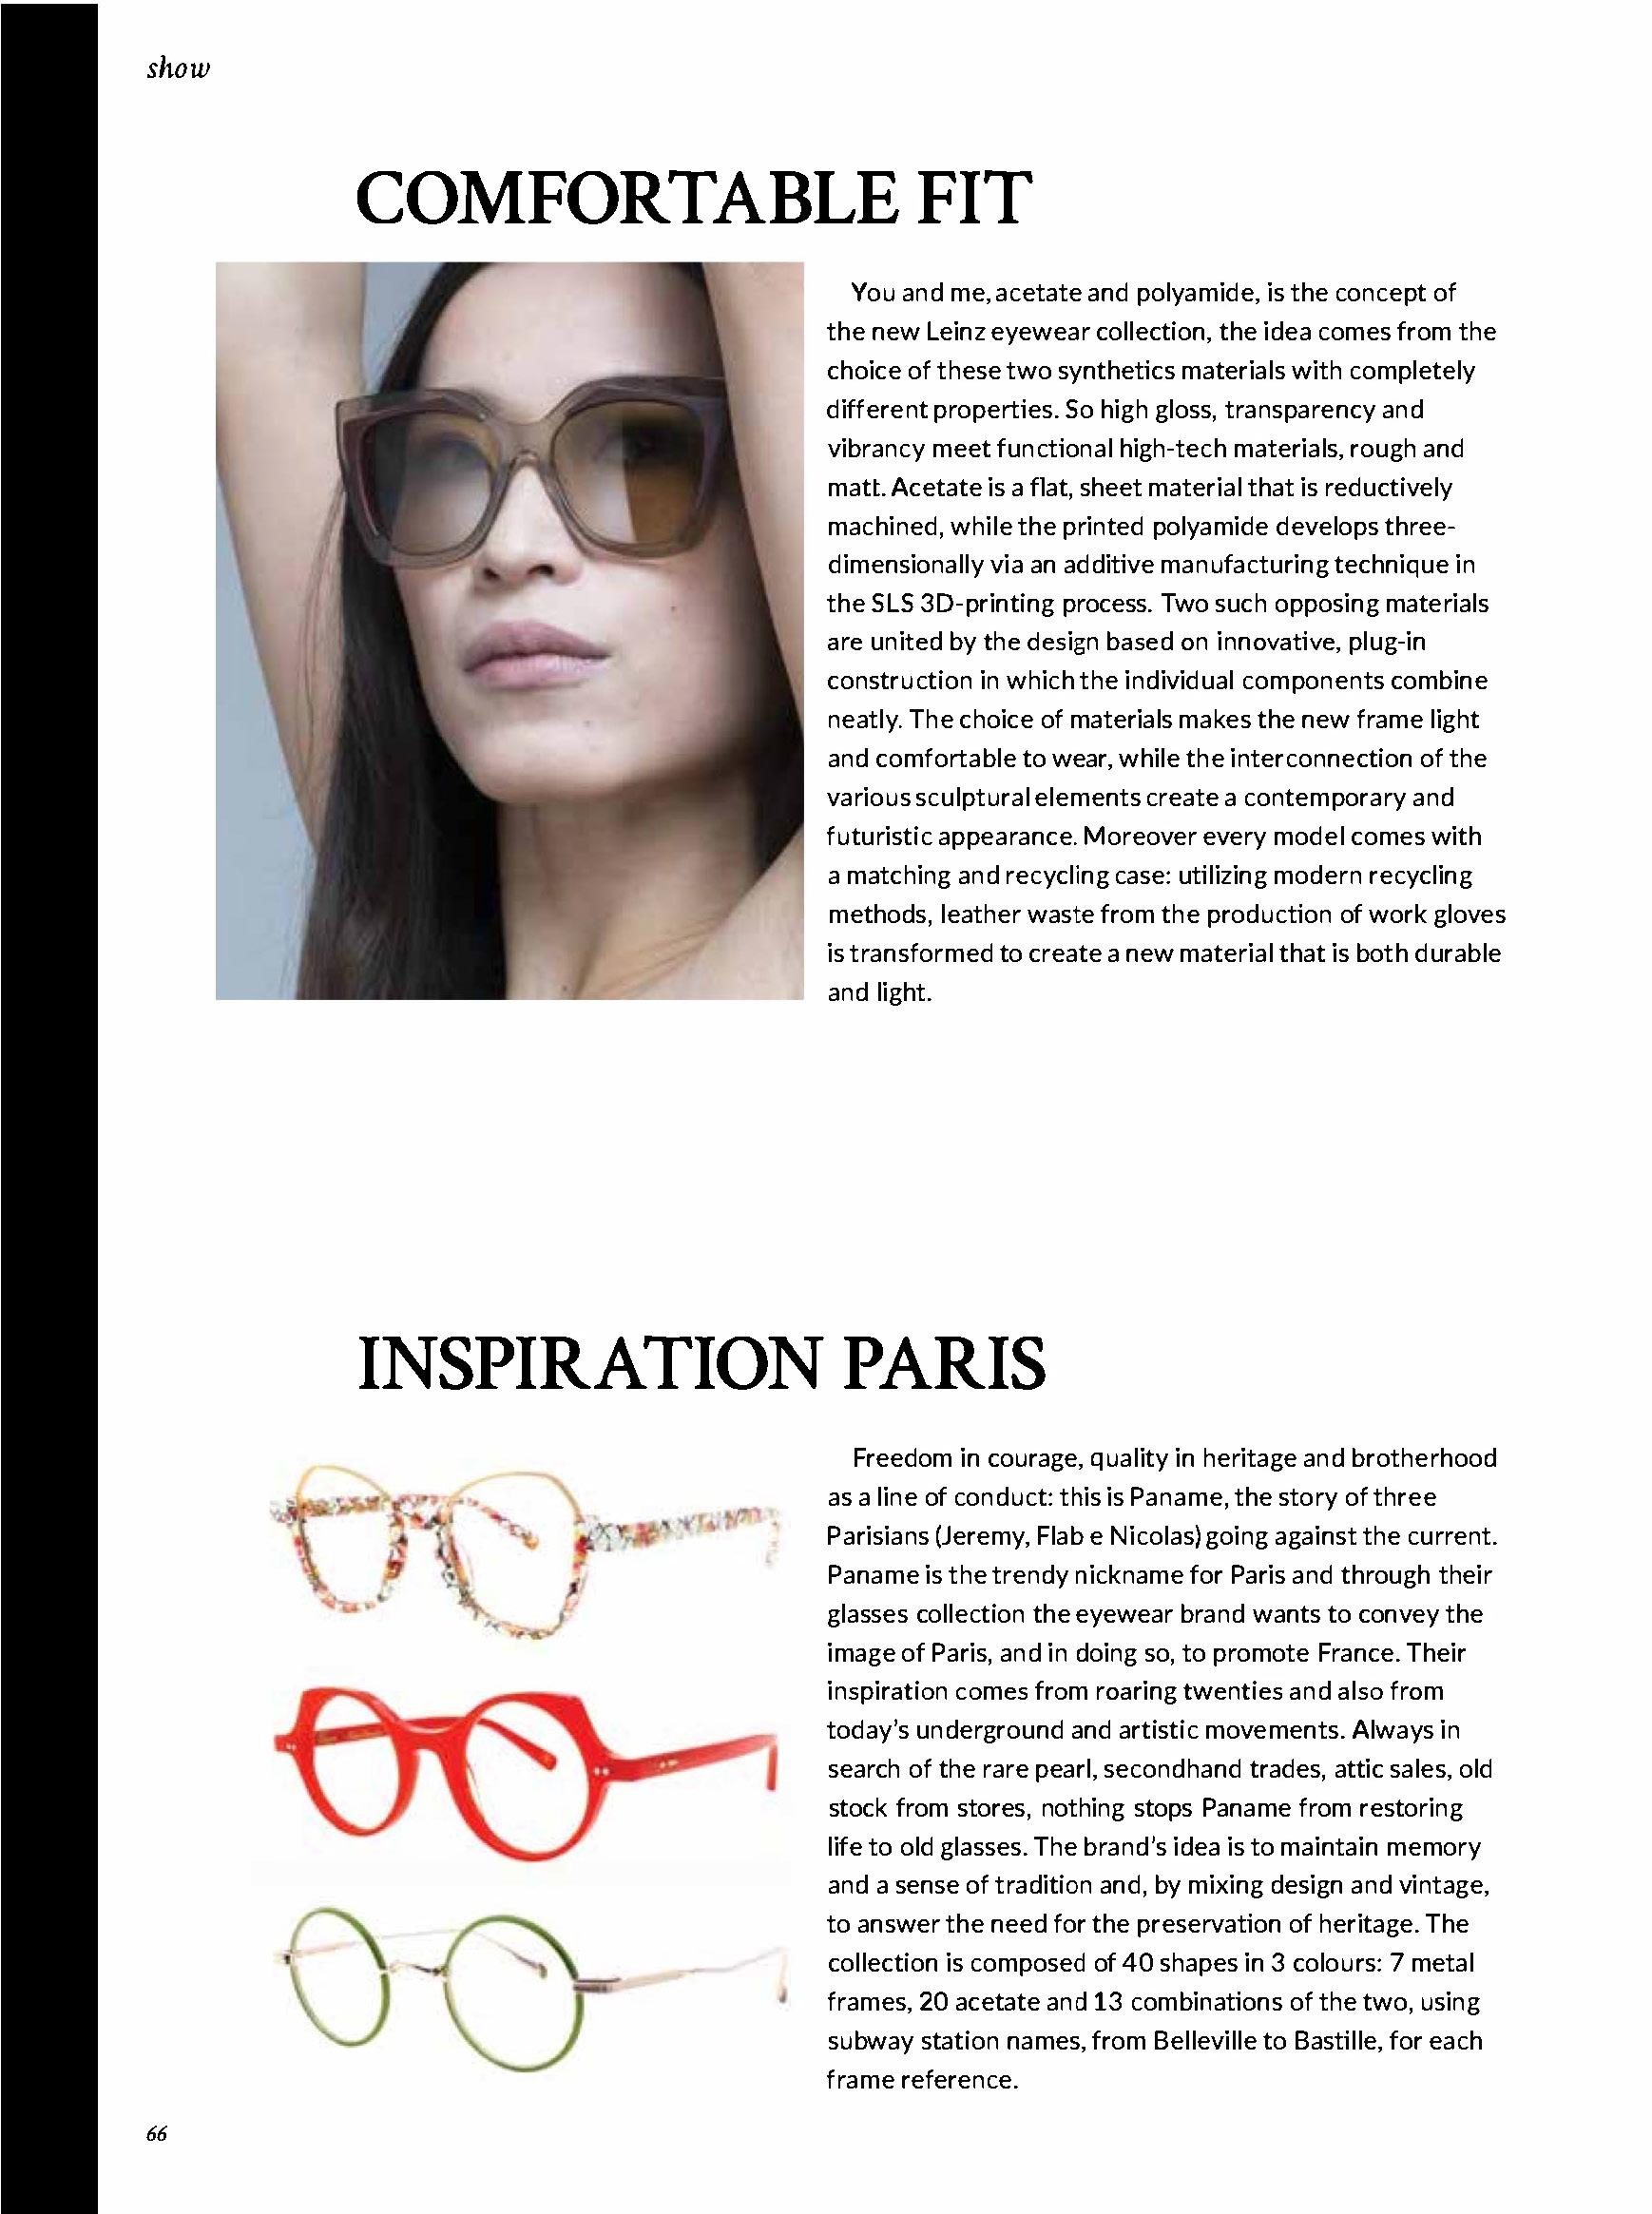 eyebook_issue_16-LEINZeyewear_66